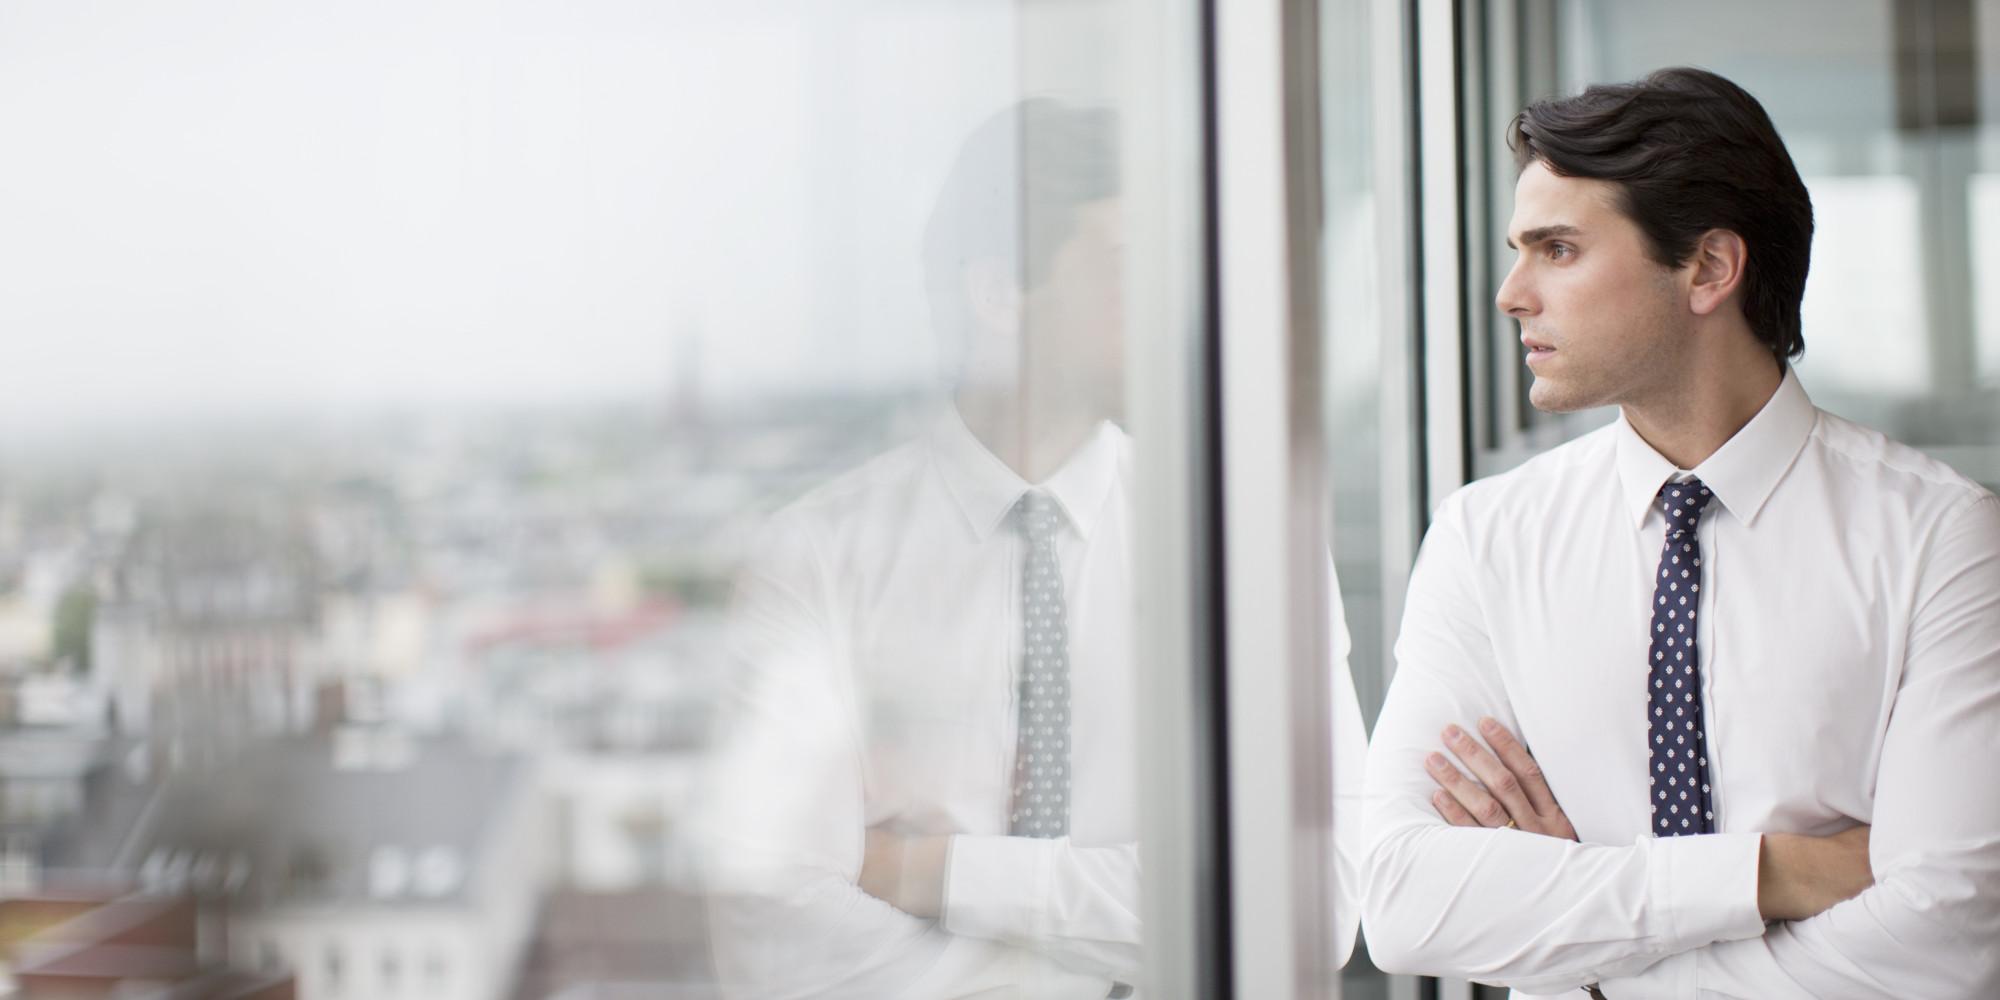 هل تشعر بالندم على بعض القرارات المهمة في حياتك وتود لو أنك غيرت اختياراتك؟